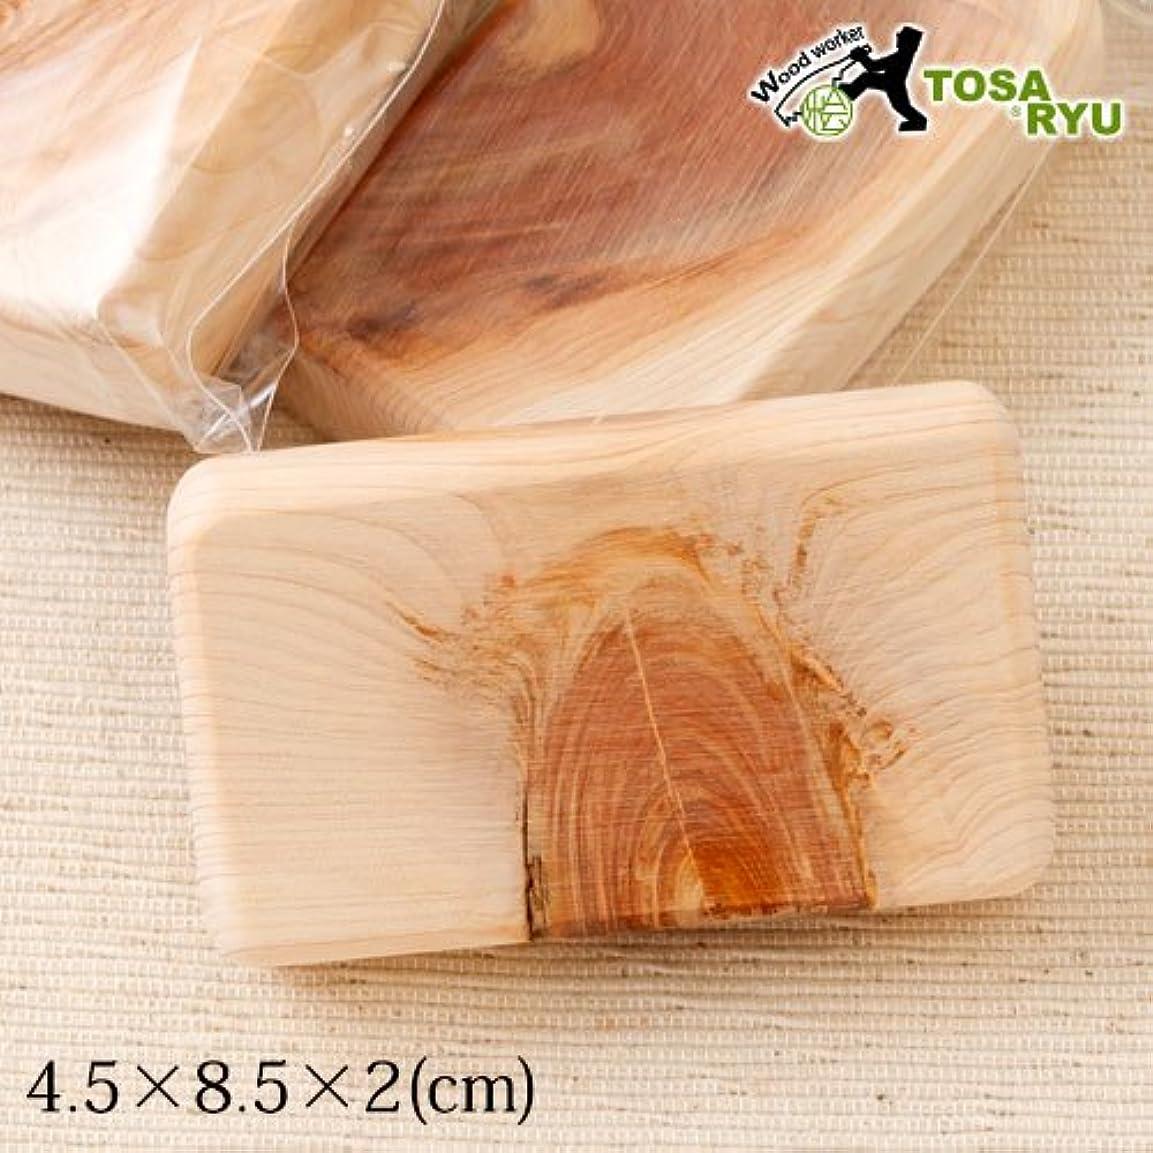 奪う姓人口土佐龍アロマブロック(1個)高知県の工芸品Aroma massager of cypress, Kochi craft